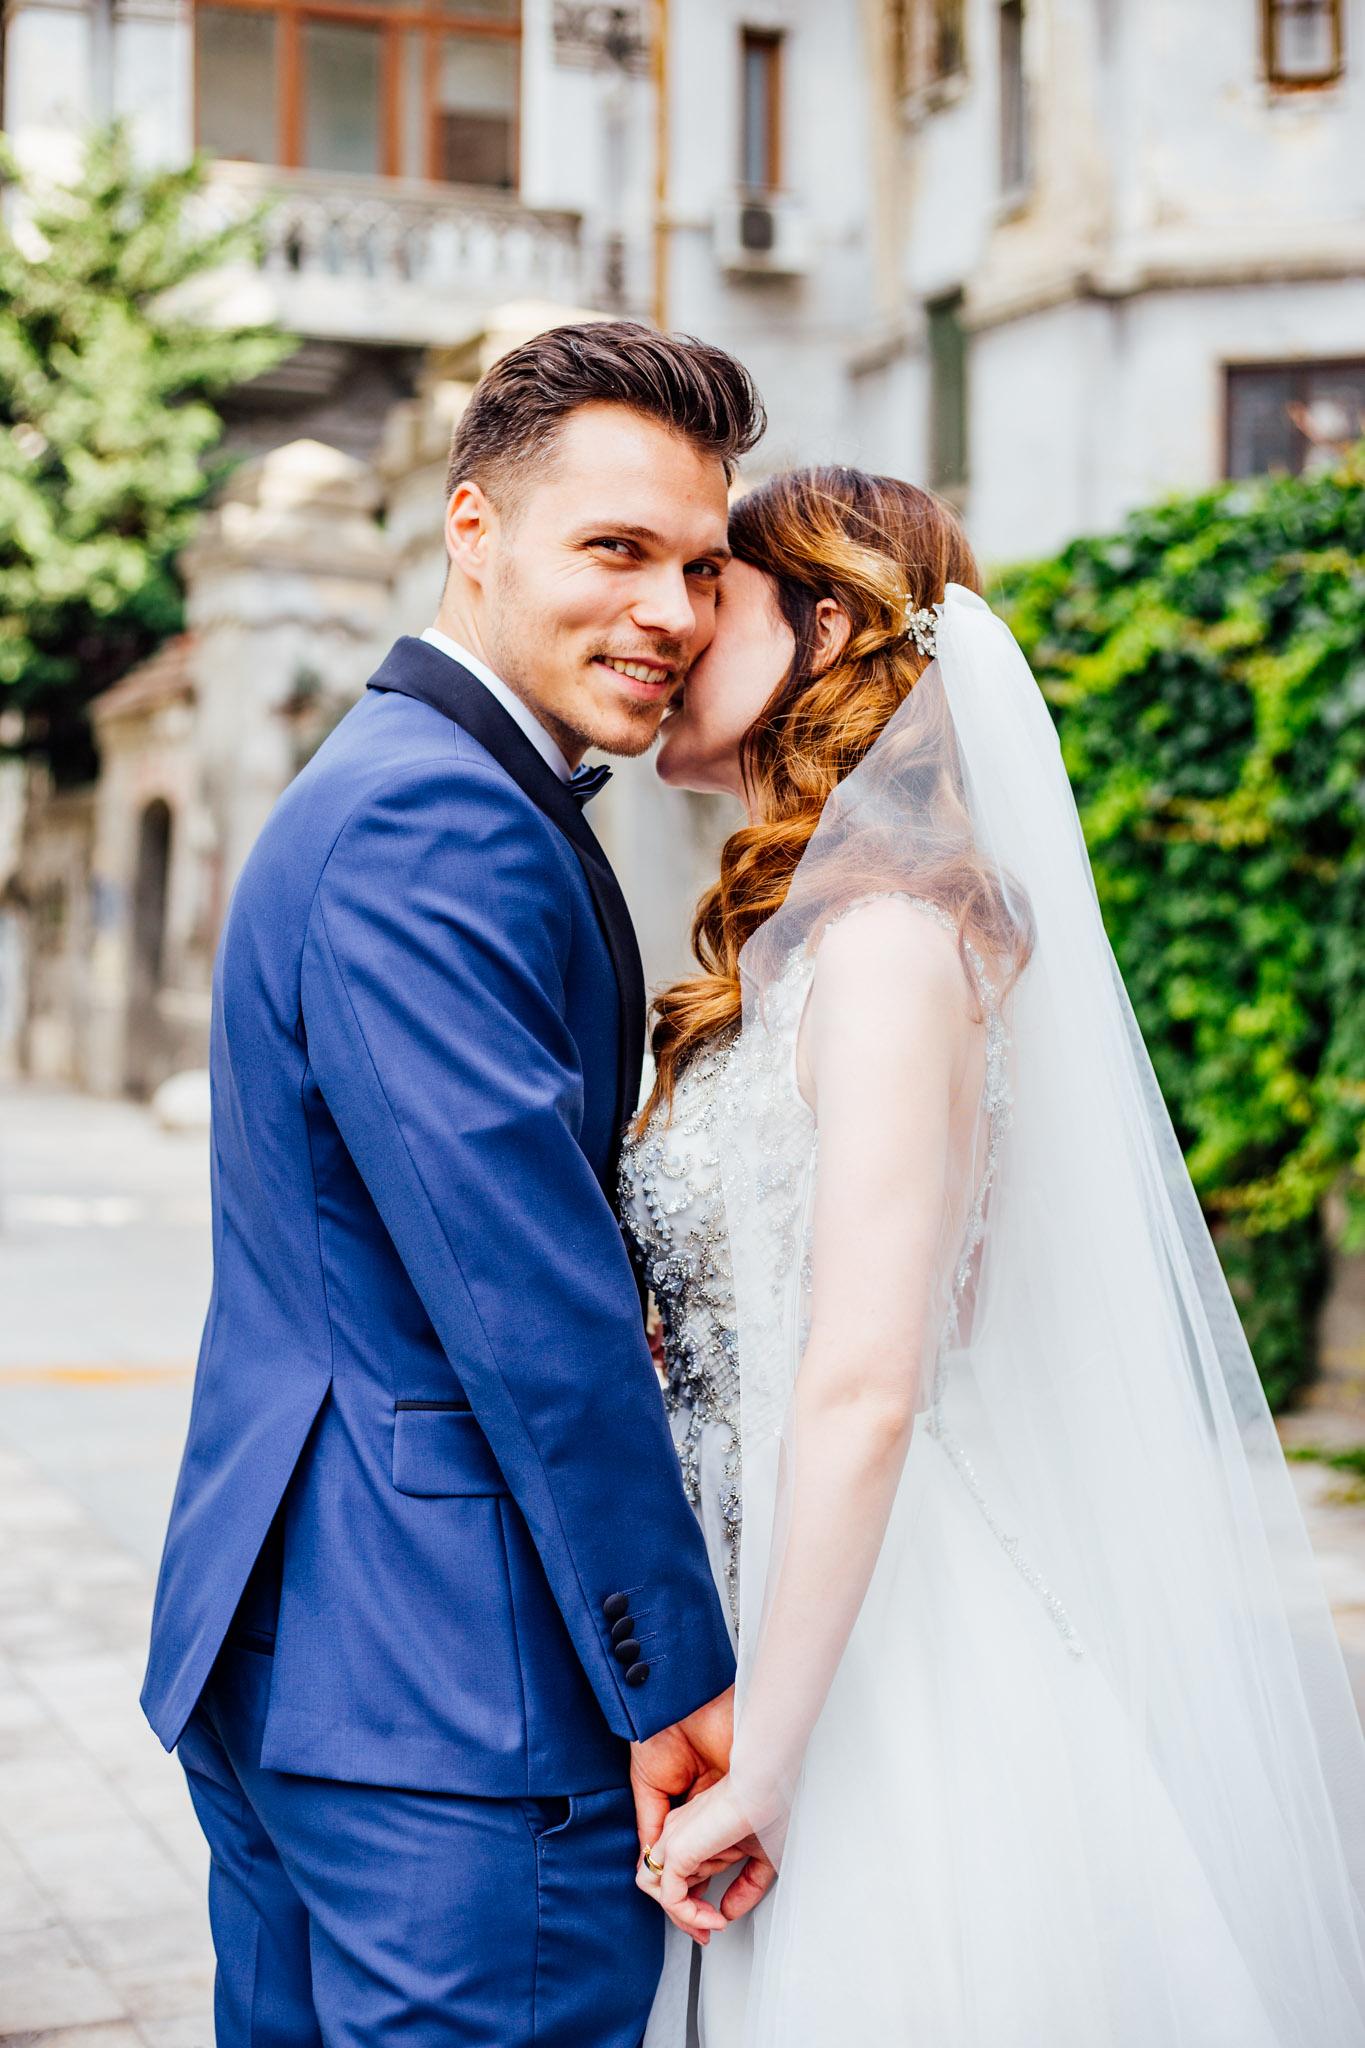 Fotografie de nunta fotograf Dana Sacalov Bucuresti la M60